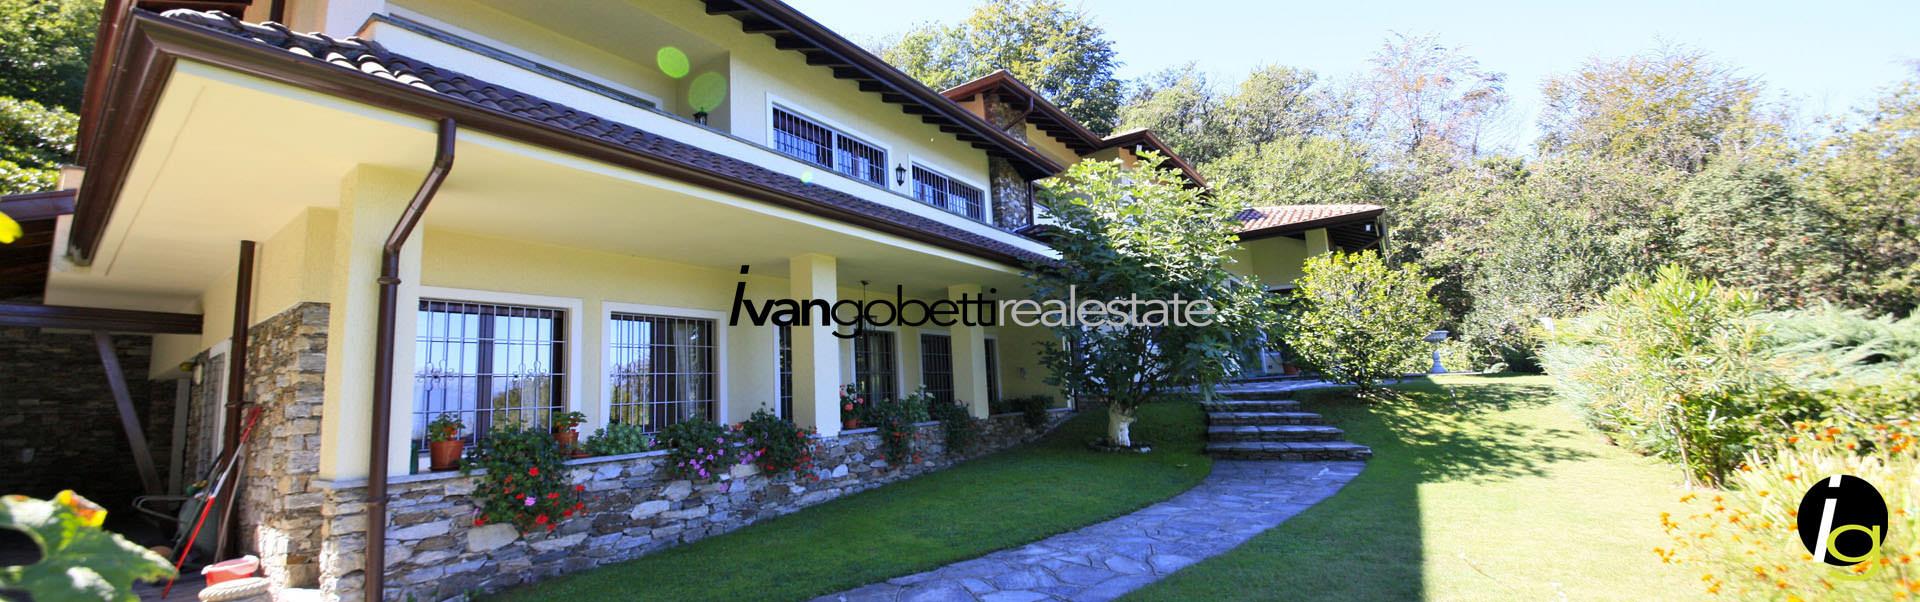 Vendesi prestigiosa villa con parco immersa nel verde a Stresa sul Lago Maggiore Italia